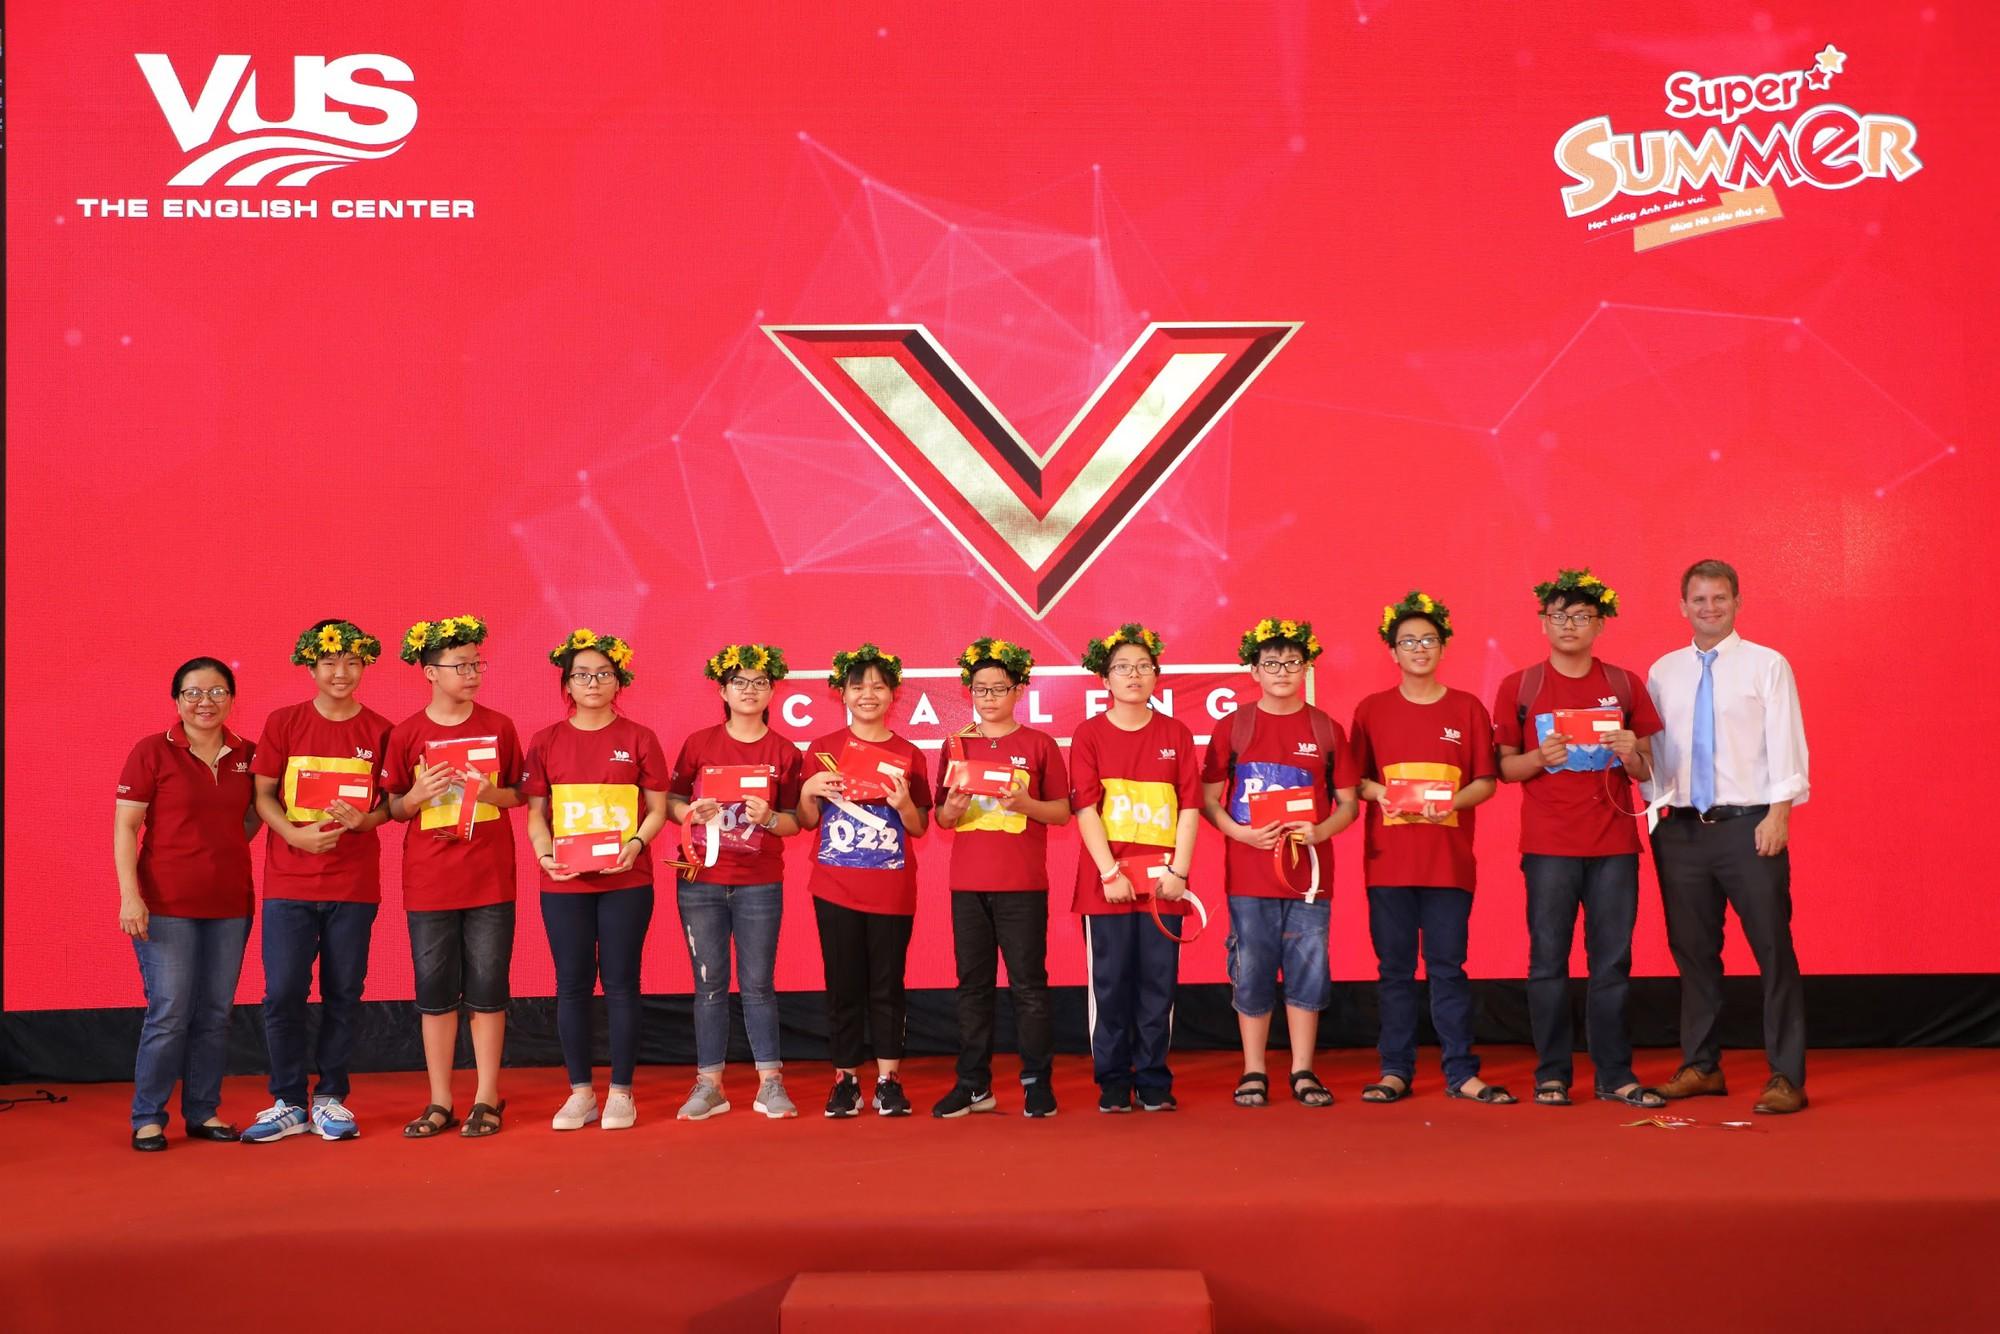 Chung kết V-Challenge 2019: Thử thách trí tuệ đầy hấp dẫn với 608 bạn trẻ học viên VUS - Ảnh 6.